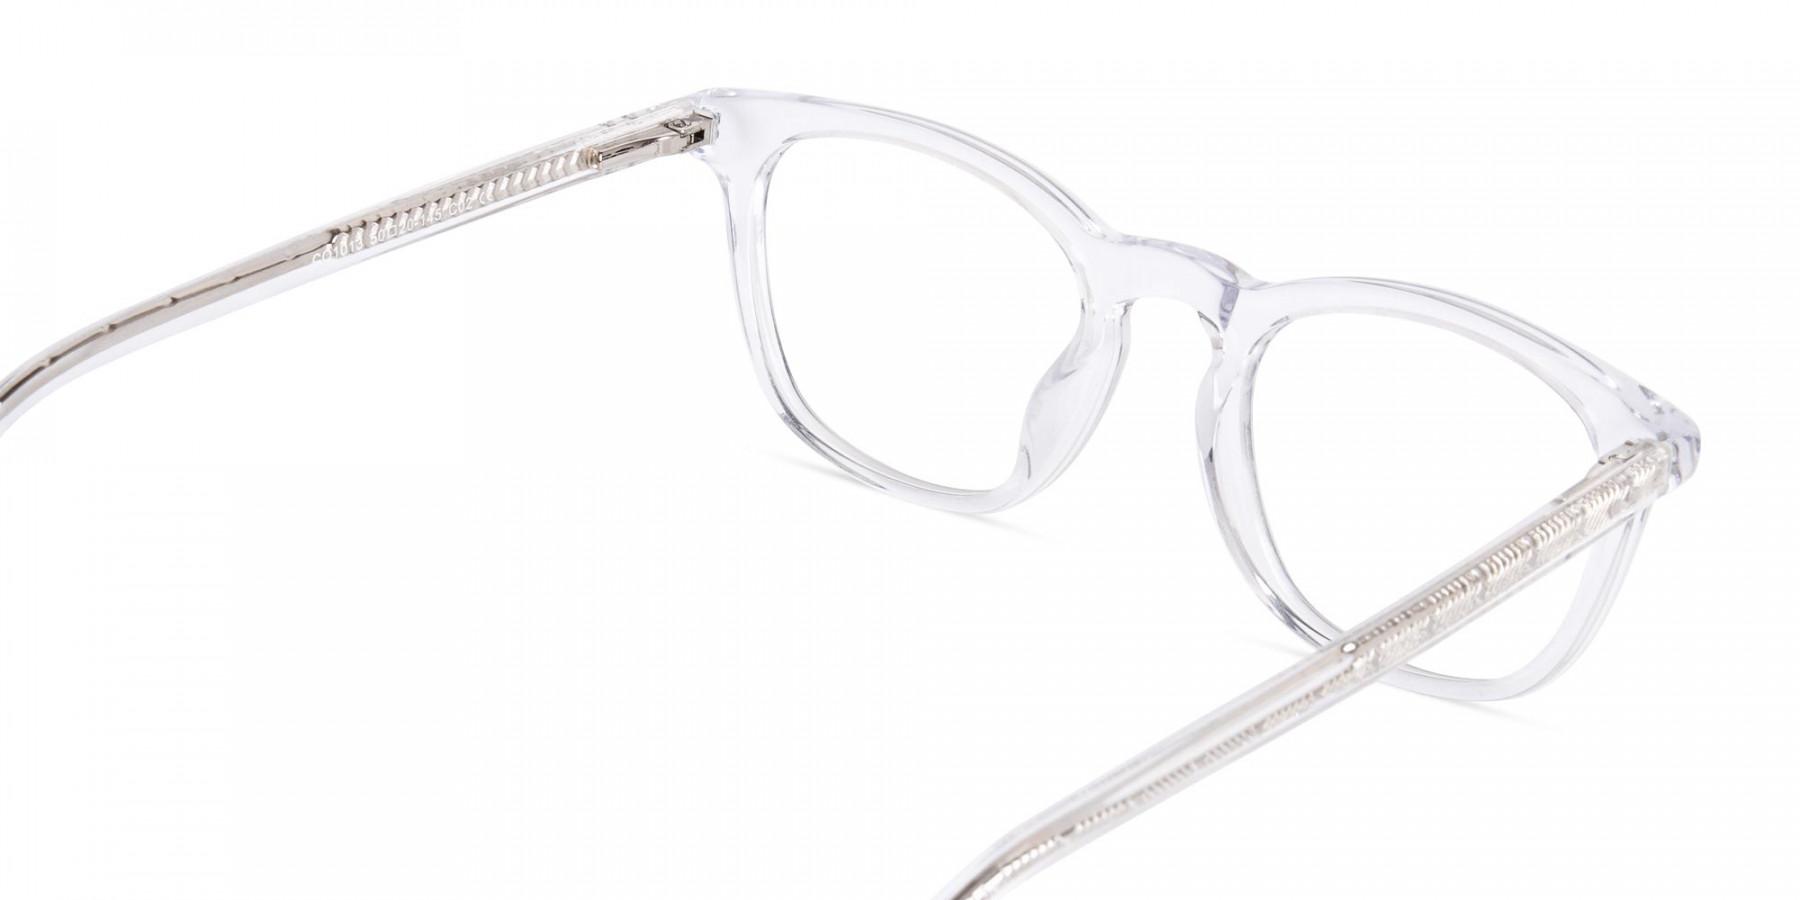 crystal-clear-or-transparent-full-rim-glasses-frames-1